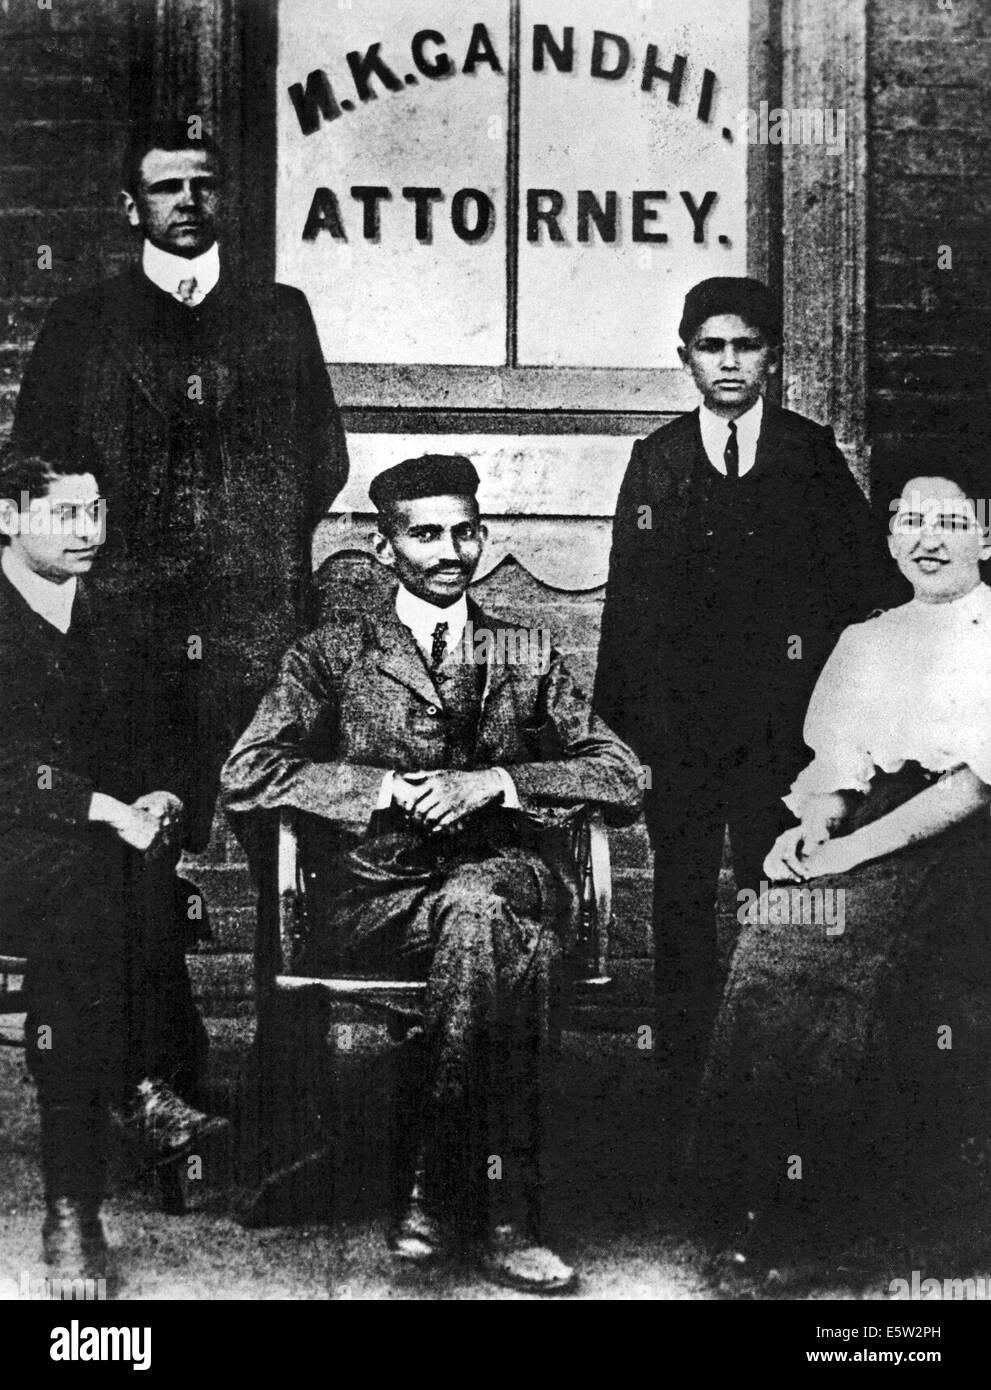 Il Mahatma Gandhi (1869-1948) Indiano leader nazionalista qui circa 1905 presso il suo ufficio di Johannesburg Immagini Stock